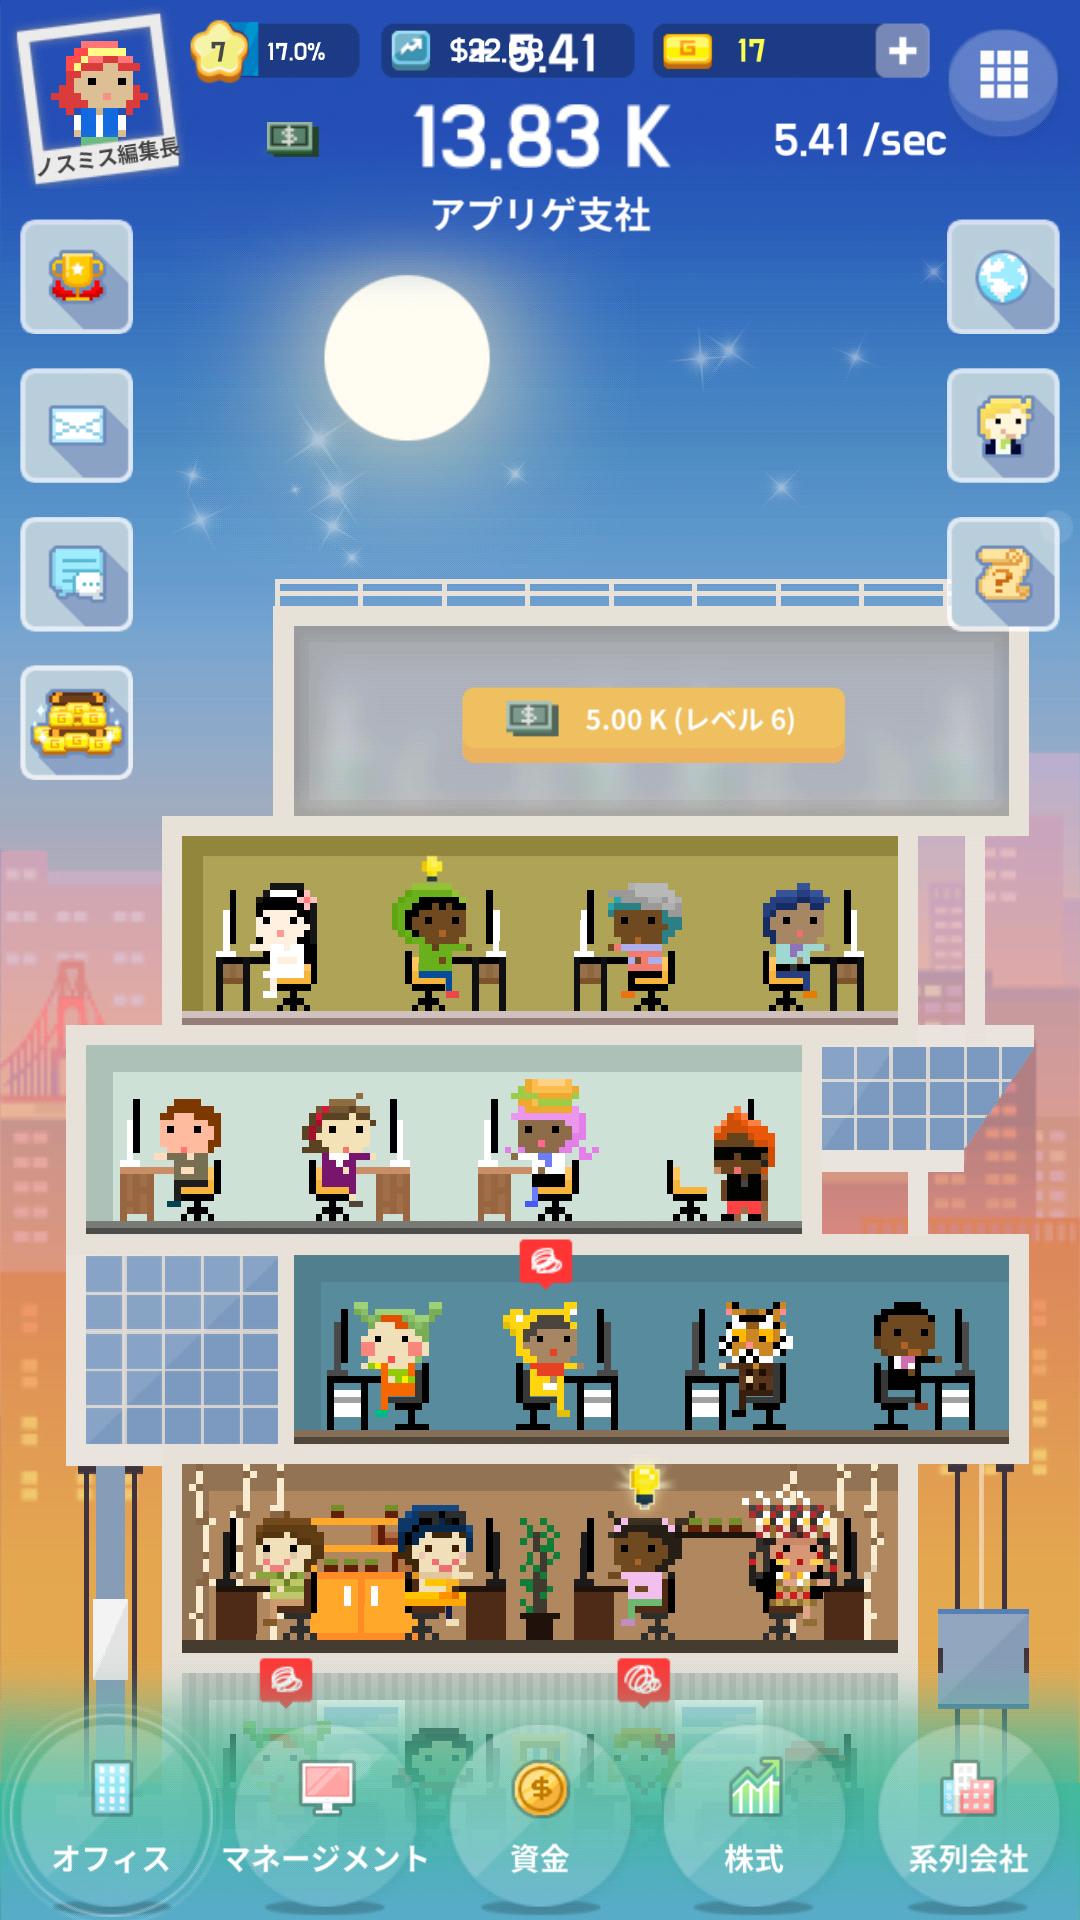 androidアプリ シリコンバレー : ビリオネラー攻略スクリーンショット4